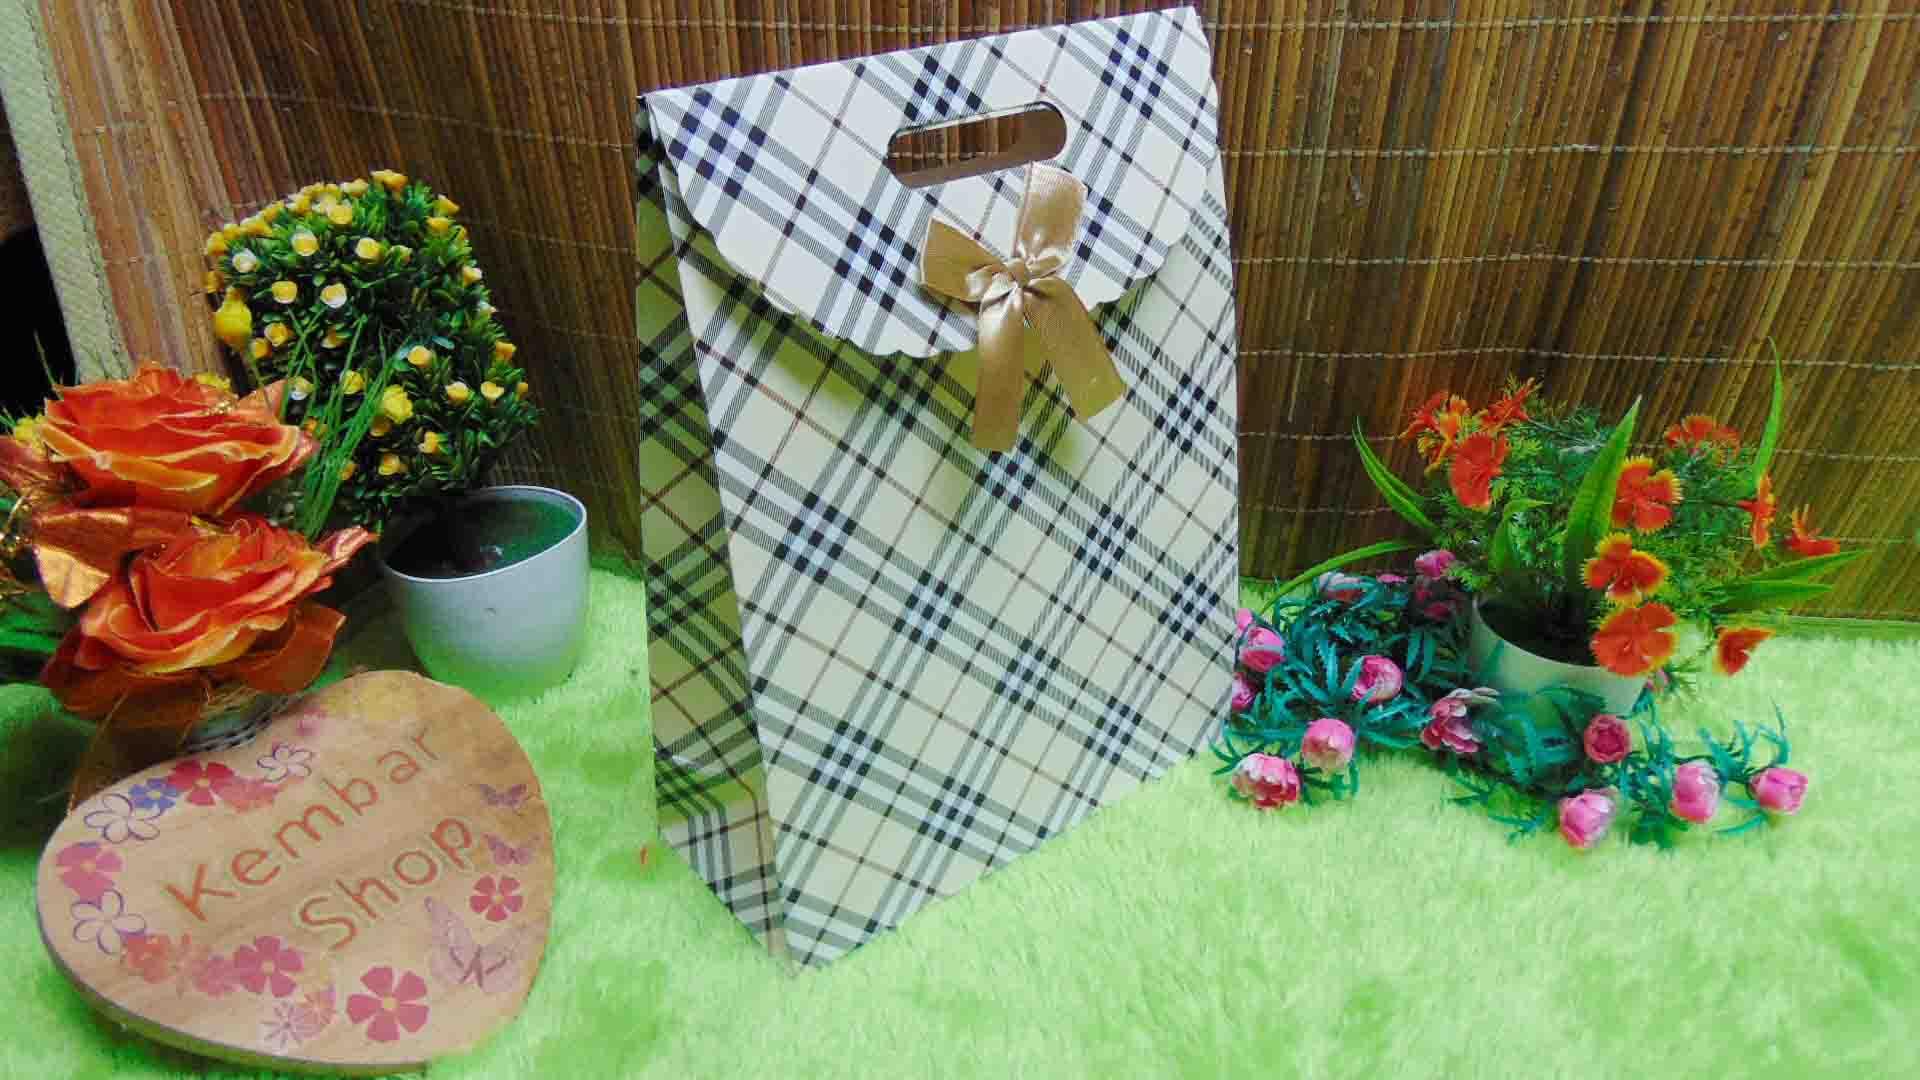 kemasan kado, bungkus kado, tas souvenir, tas kado, paper bag, gift bag hampers tartan cantik (4)